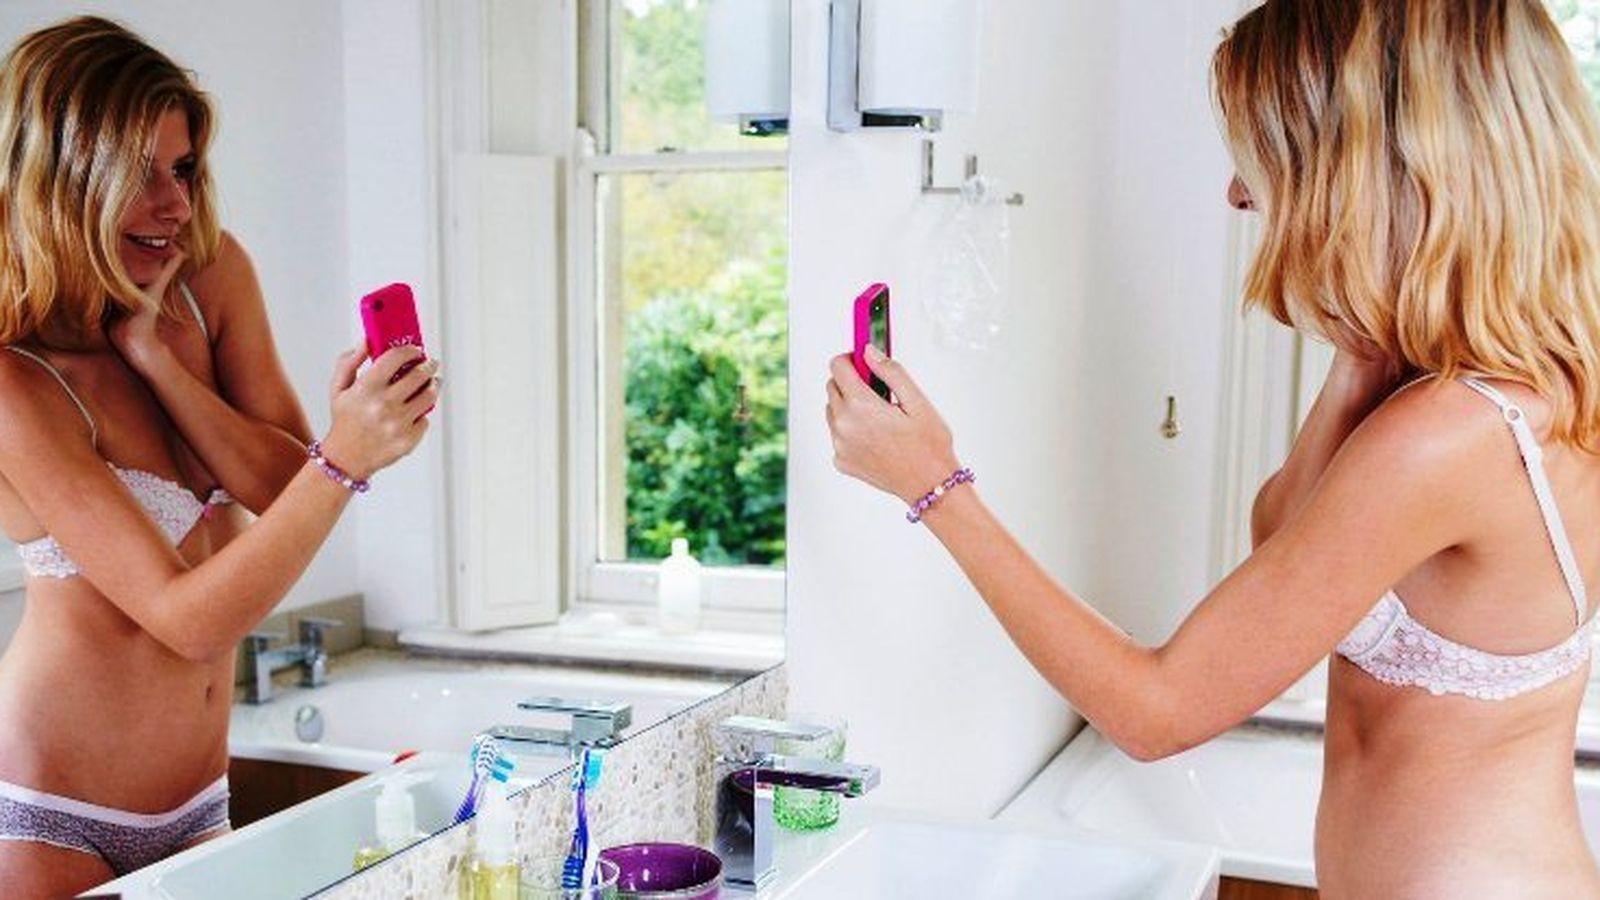 Foto: Una joven realiza una autofoto semidesnuda para enviarla a través de su móvil. (Corbis)